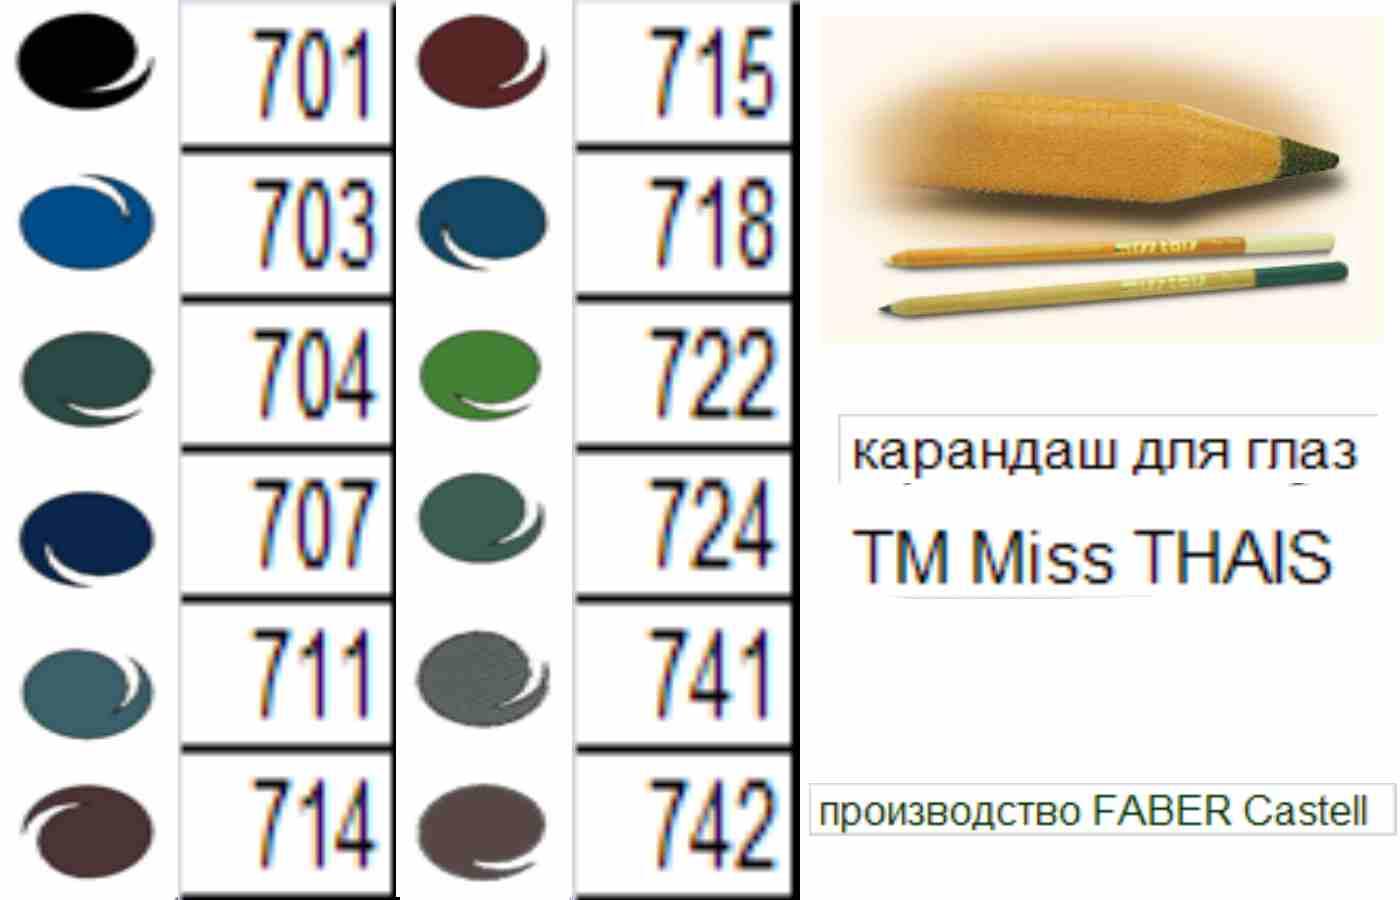 Компания авенир косметикс. лучшие марки косметики - для губ/глаз (Чехия).